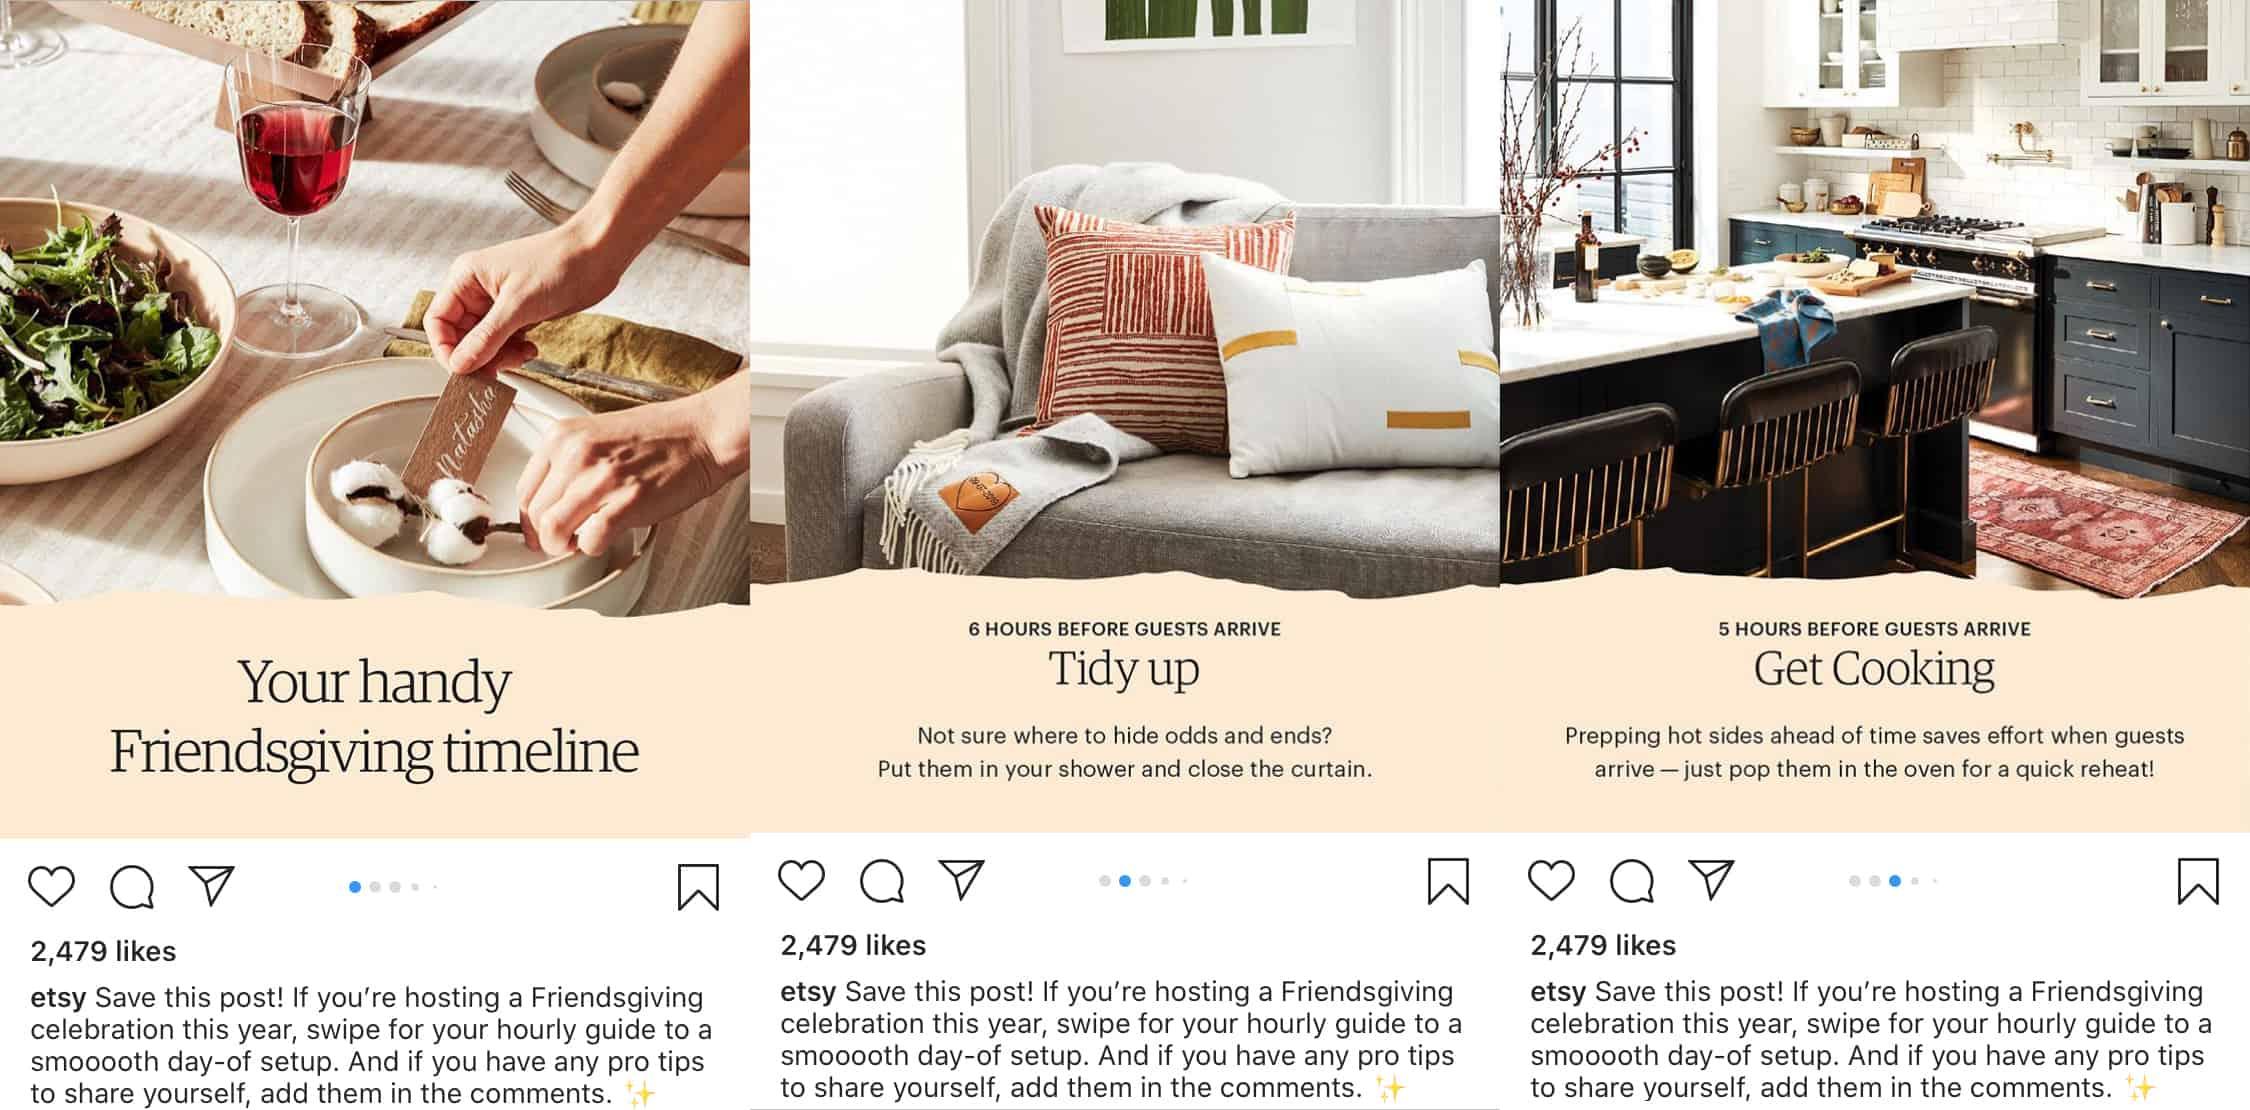 Consejos y tutoriales a través de varias fotos de Instagram